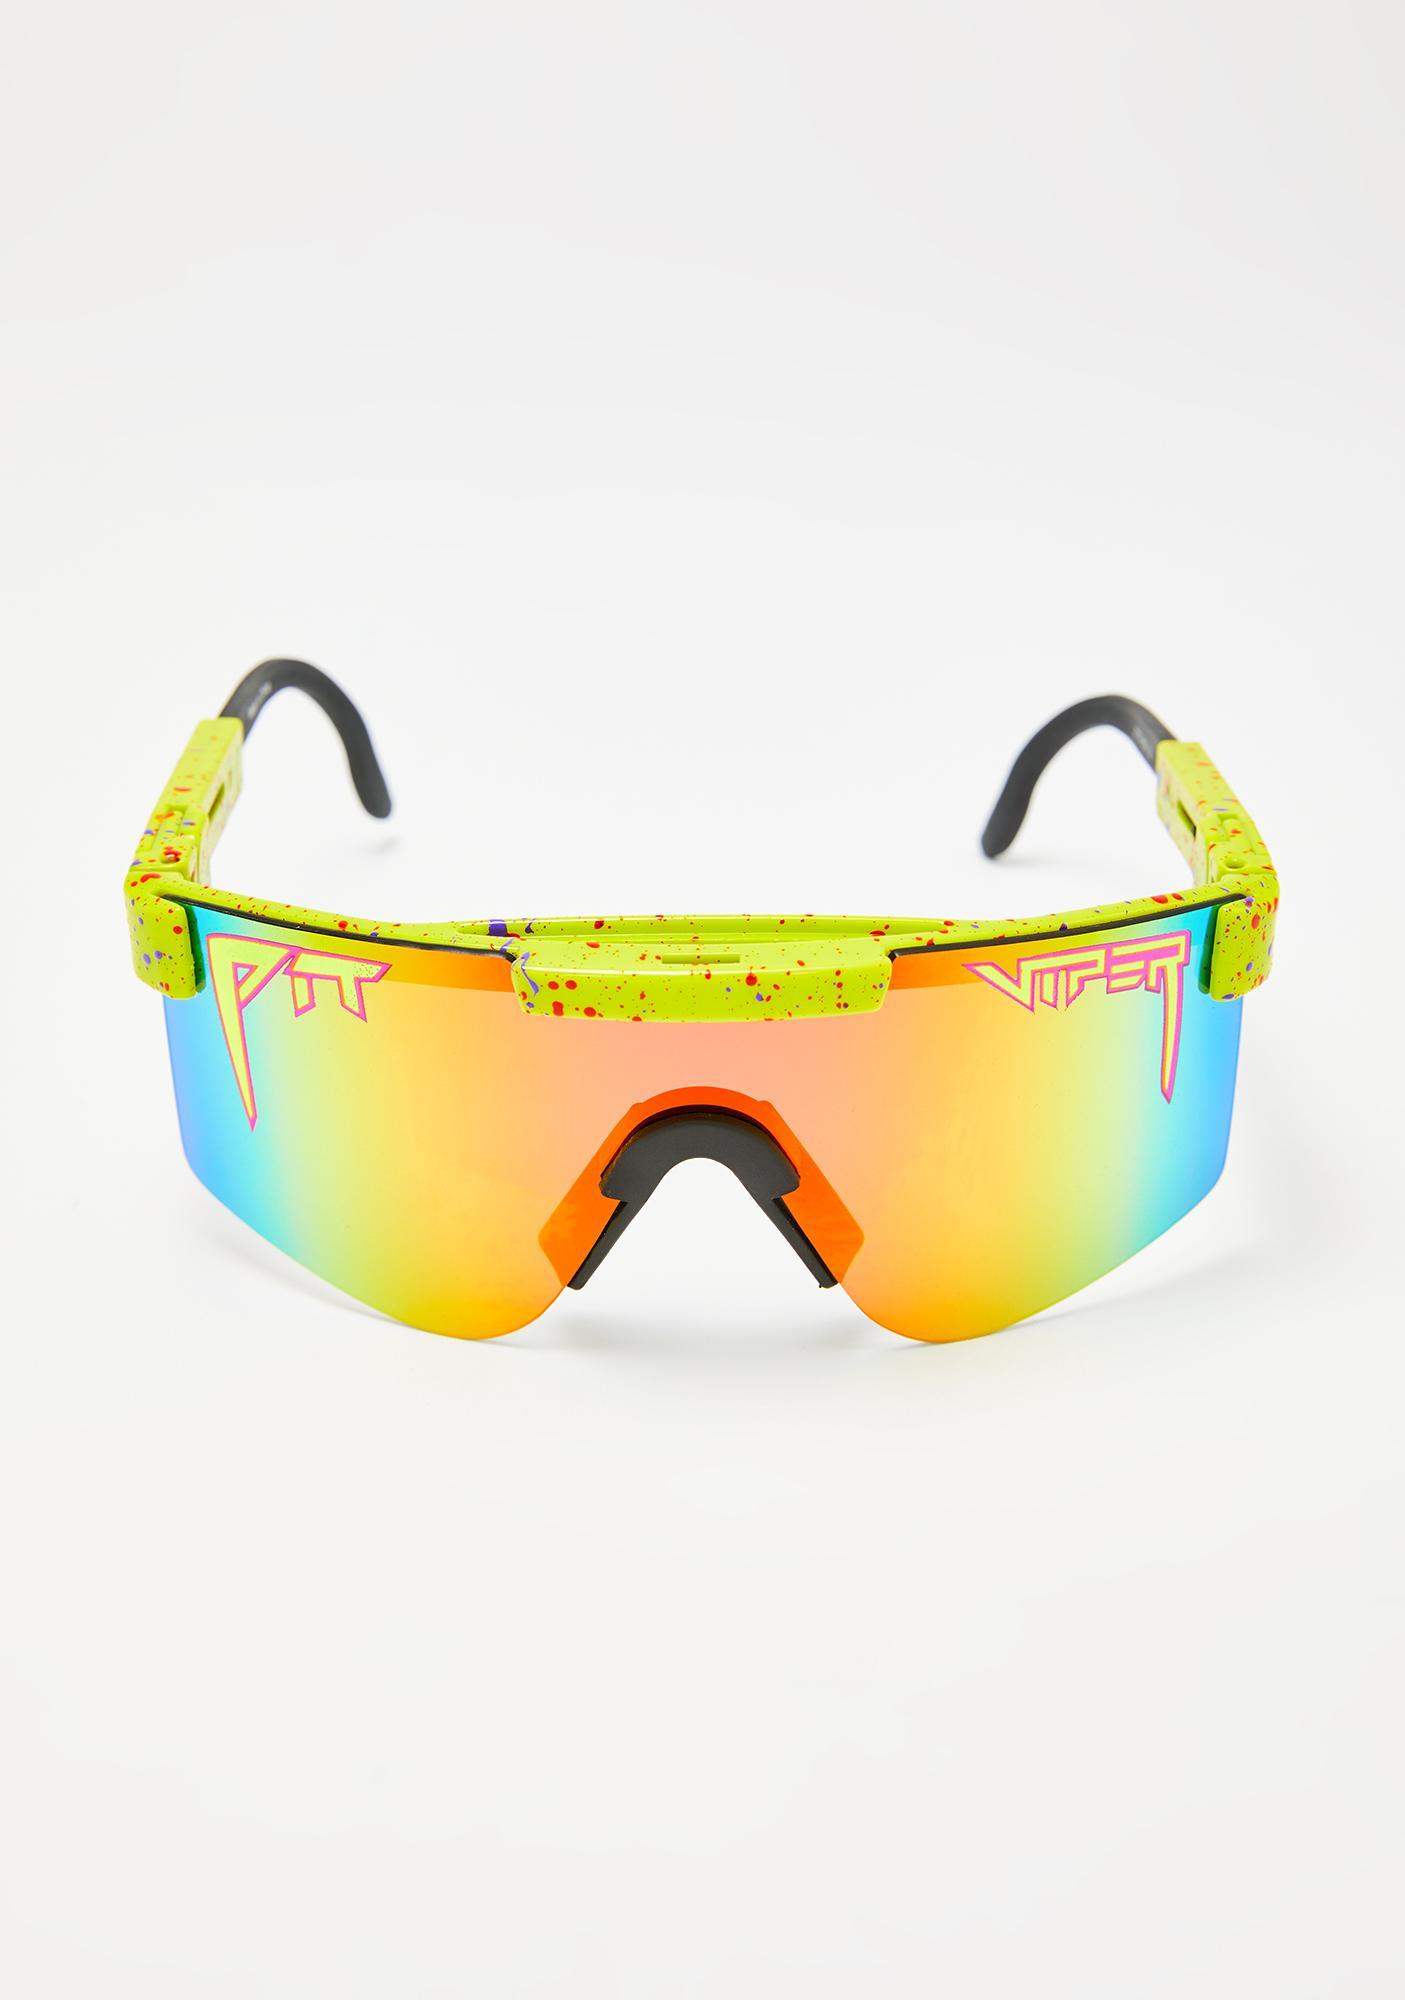 cef06bf470df ... Pit Viper The 1993 Polarized Sunglasses ...